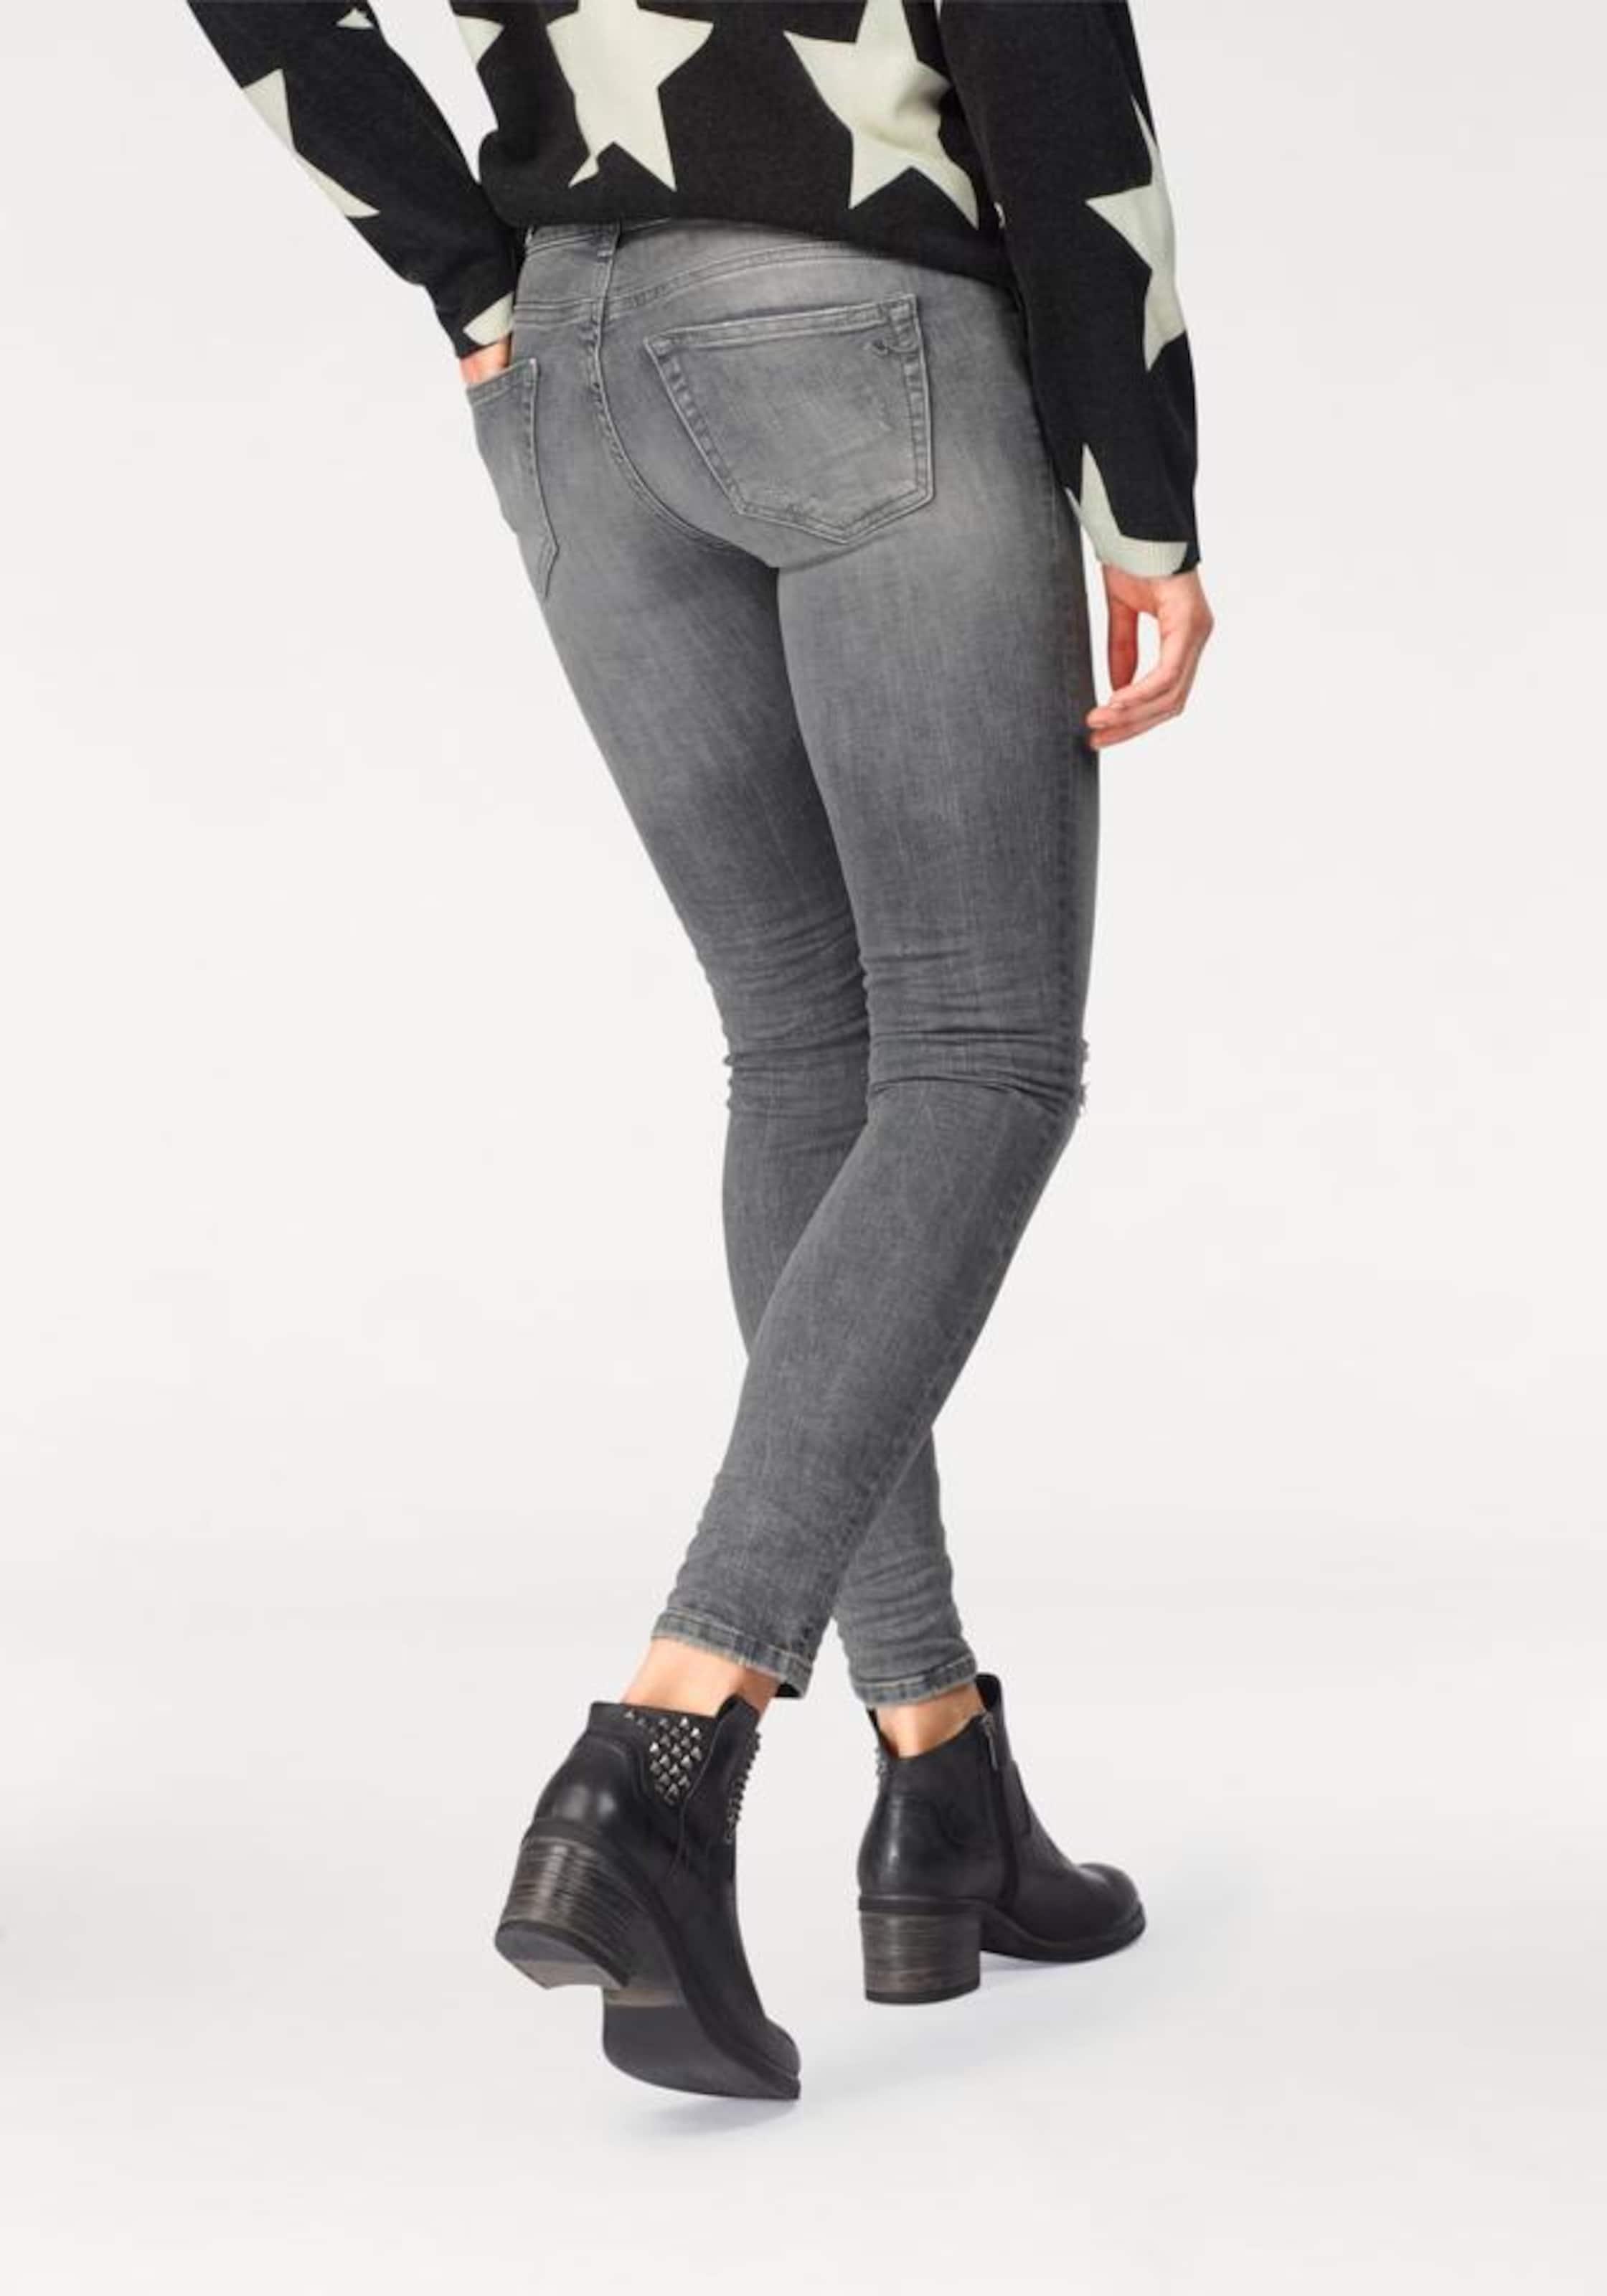 Freies Verschiffen Footlocker Spielraum 2018 LTB Slim-fit-Jeans 'Mina' Verkauf Schnelle Lieferung Große Auswahl An Billig Verkauf 100% Original PFLw40TKB